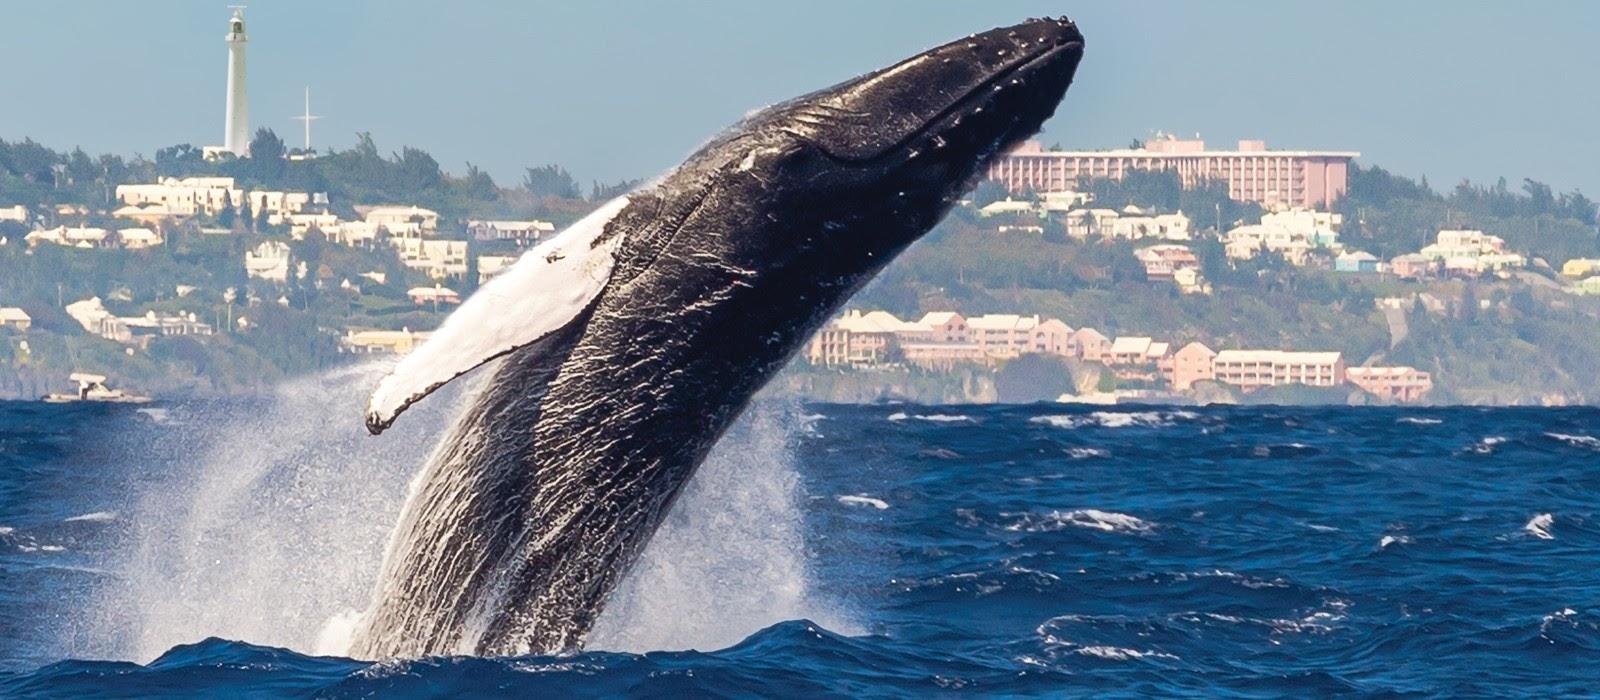 weekend getaways to Bermuda - ber whalewatching